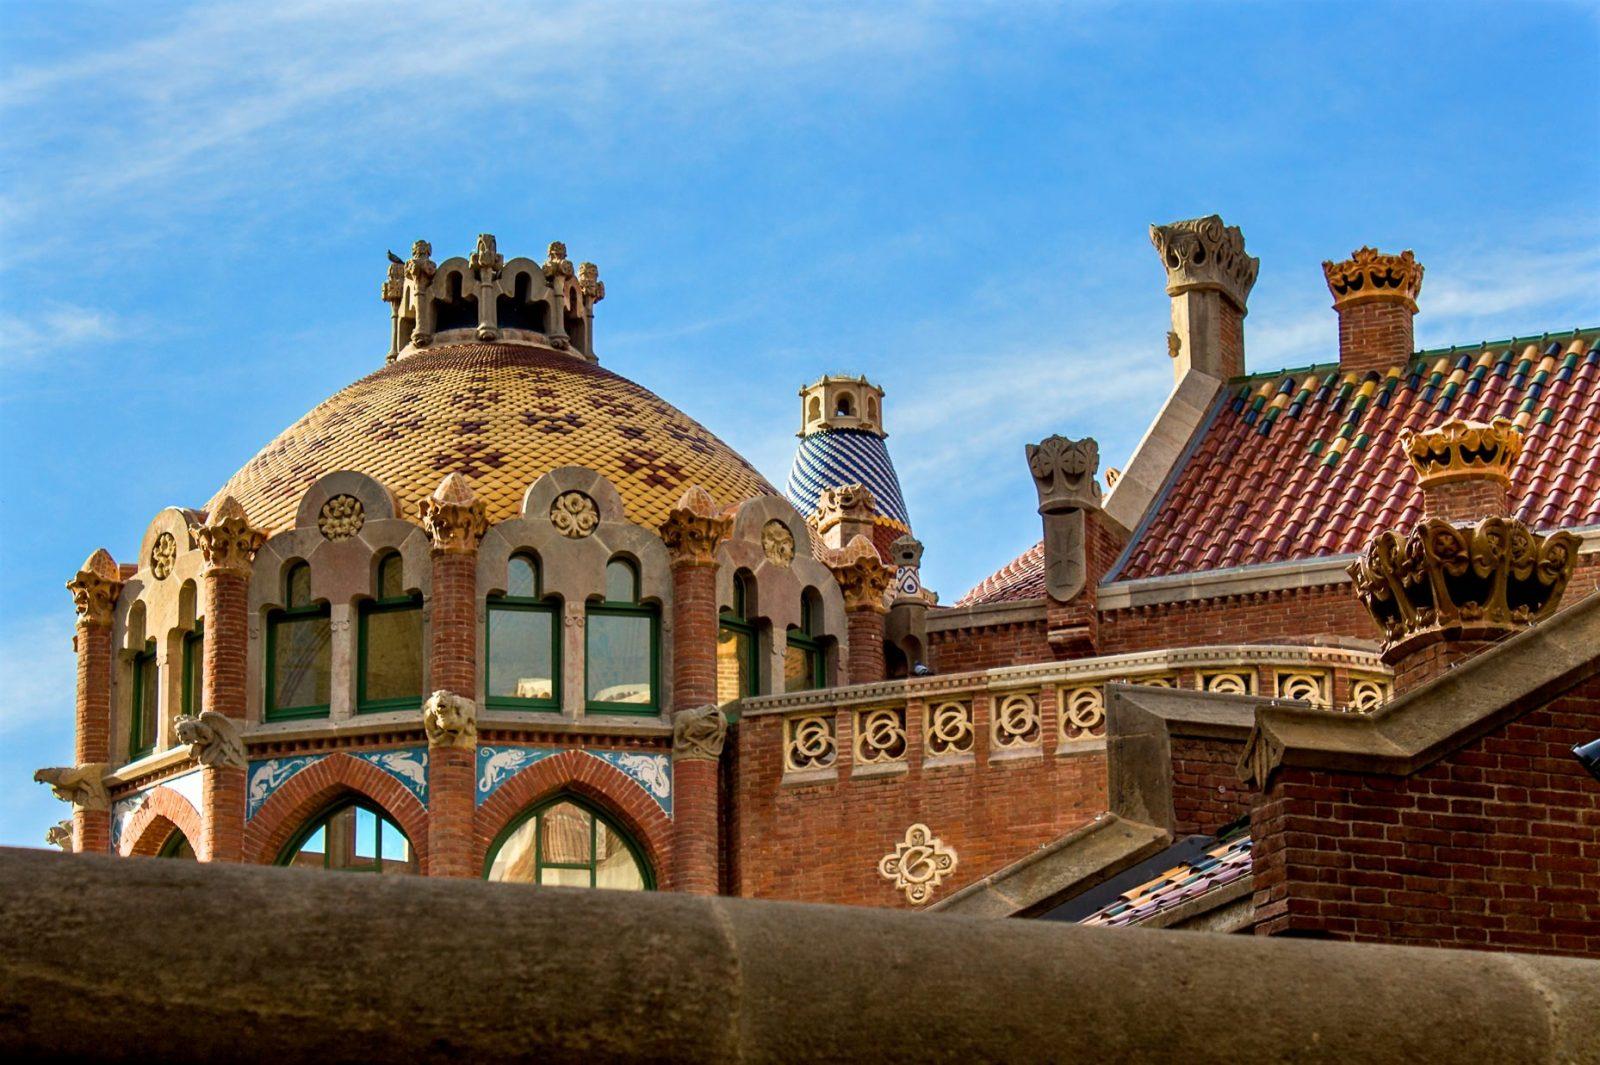 Крыша павильона Святого Леопольда (фото: Carlos Martin)